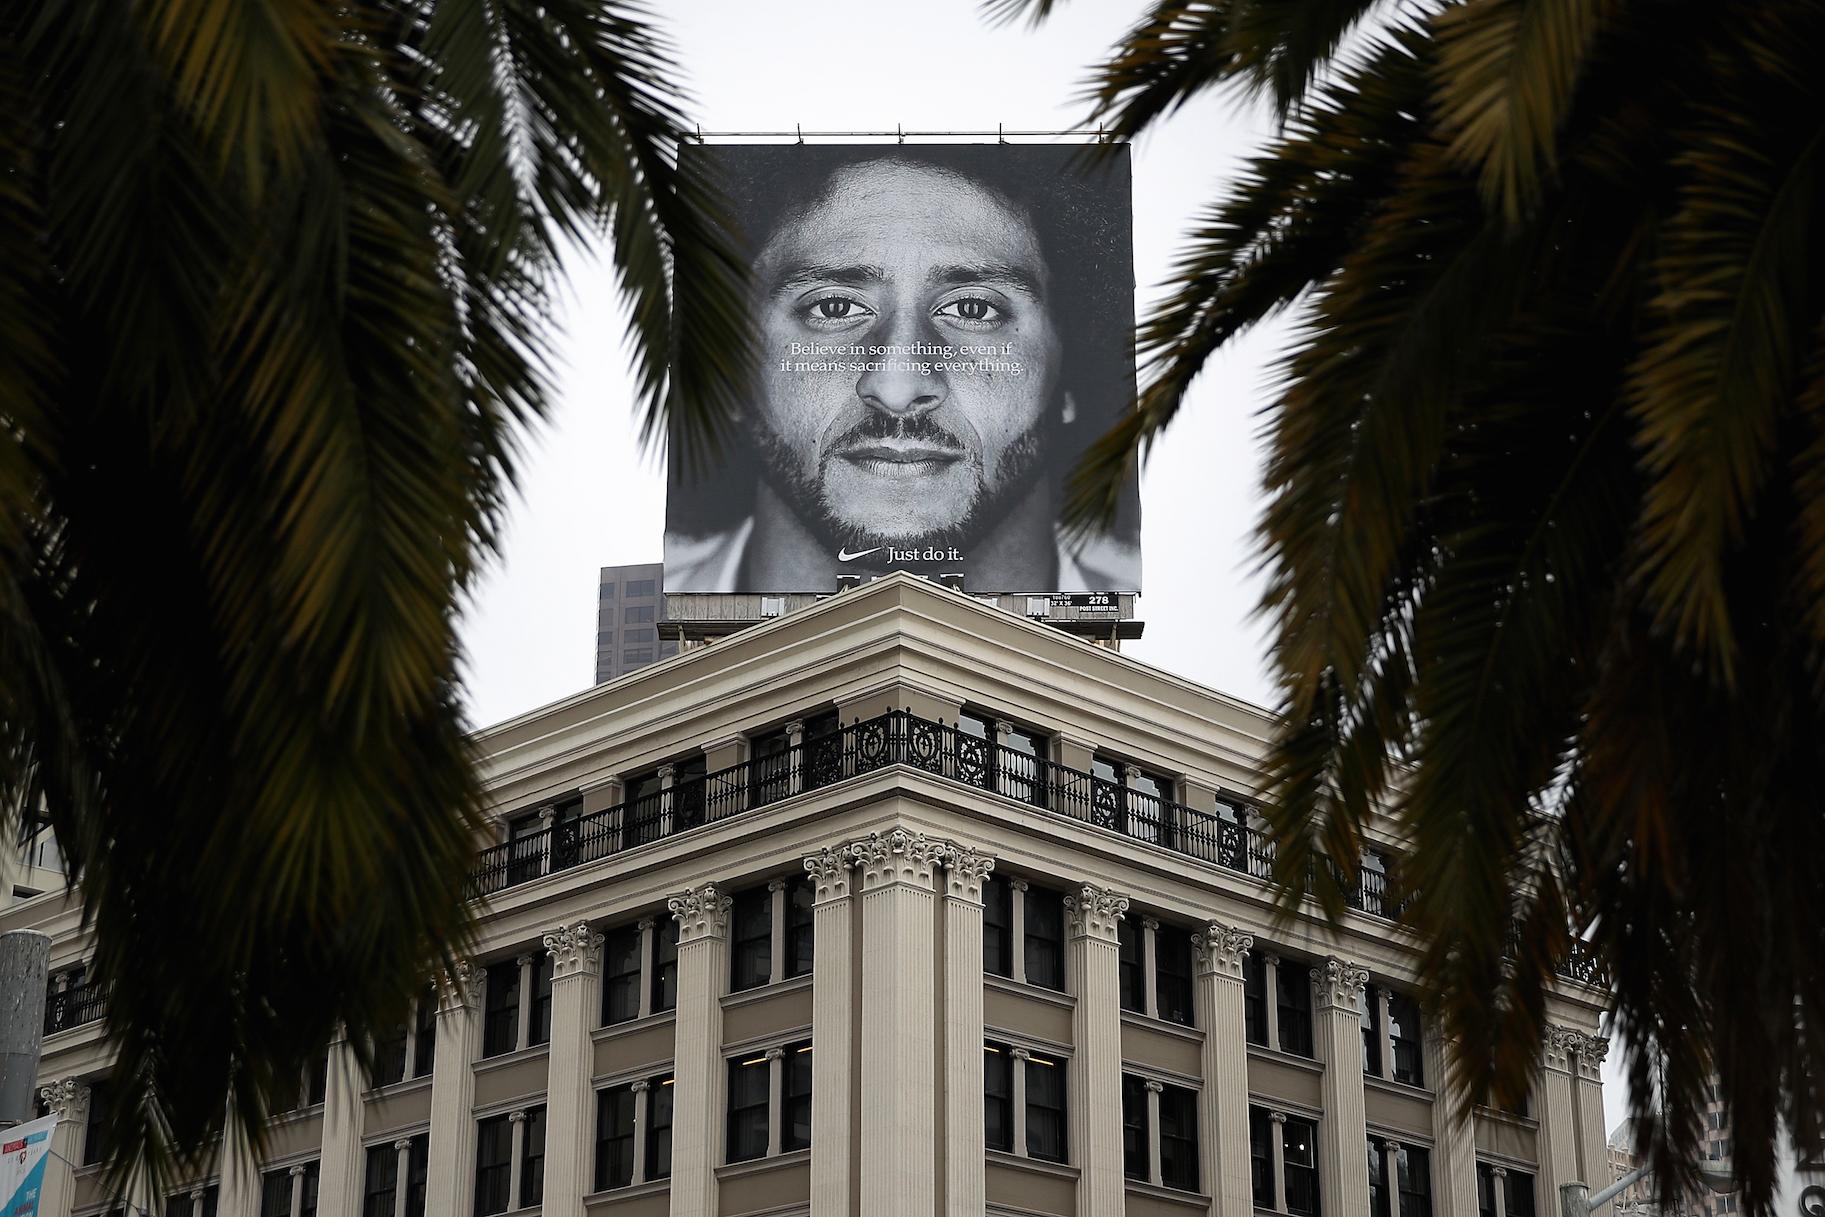 Nike's 'Just Do It' slogan baseret på henrettet kriminals sidste ord